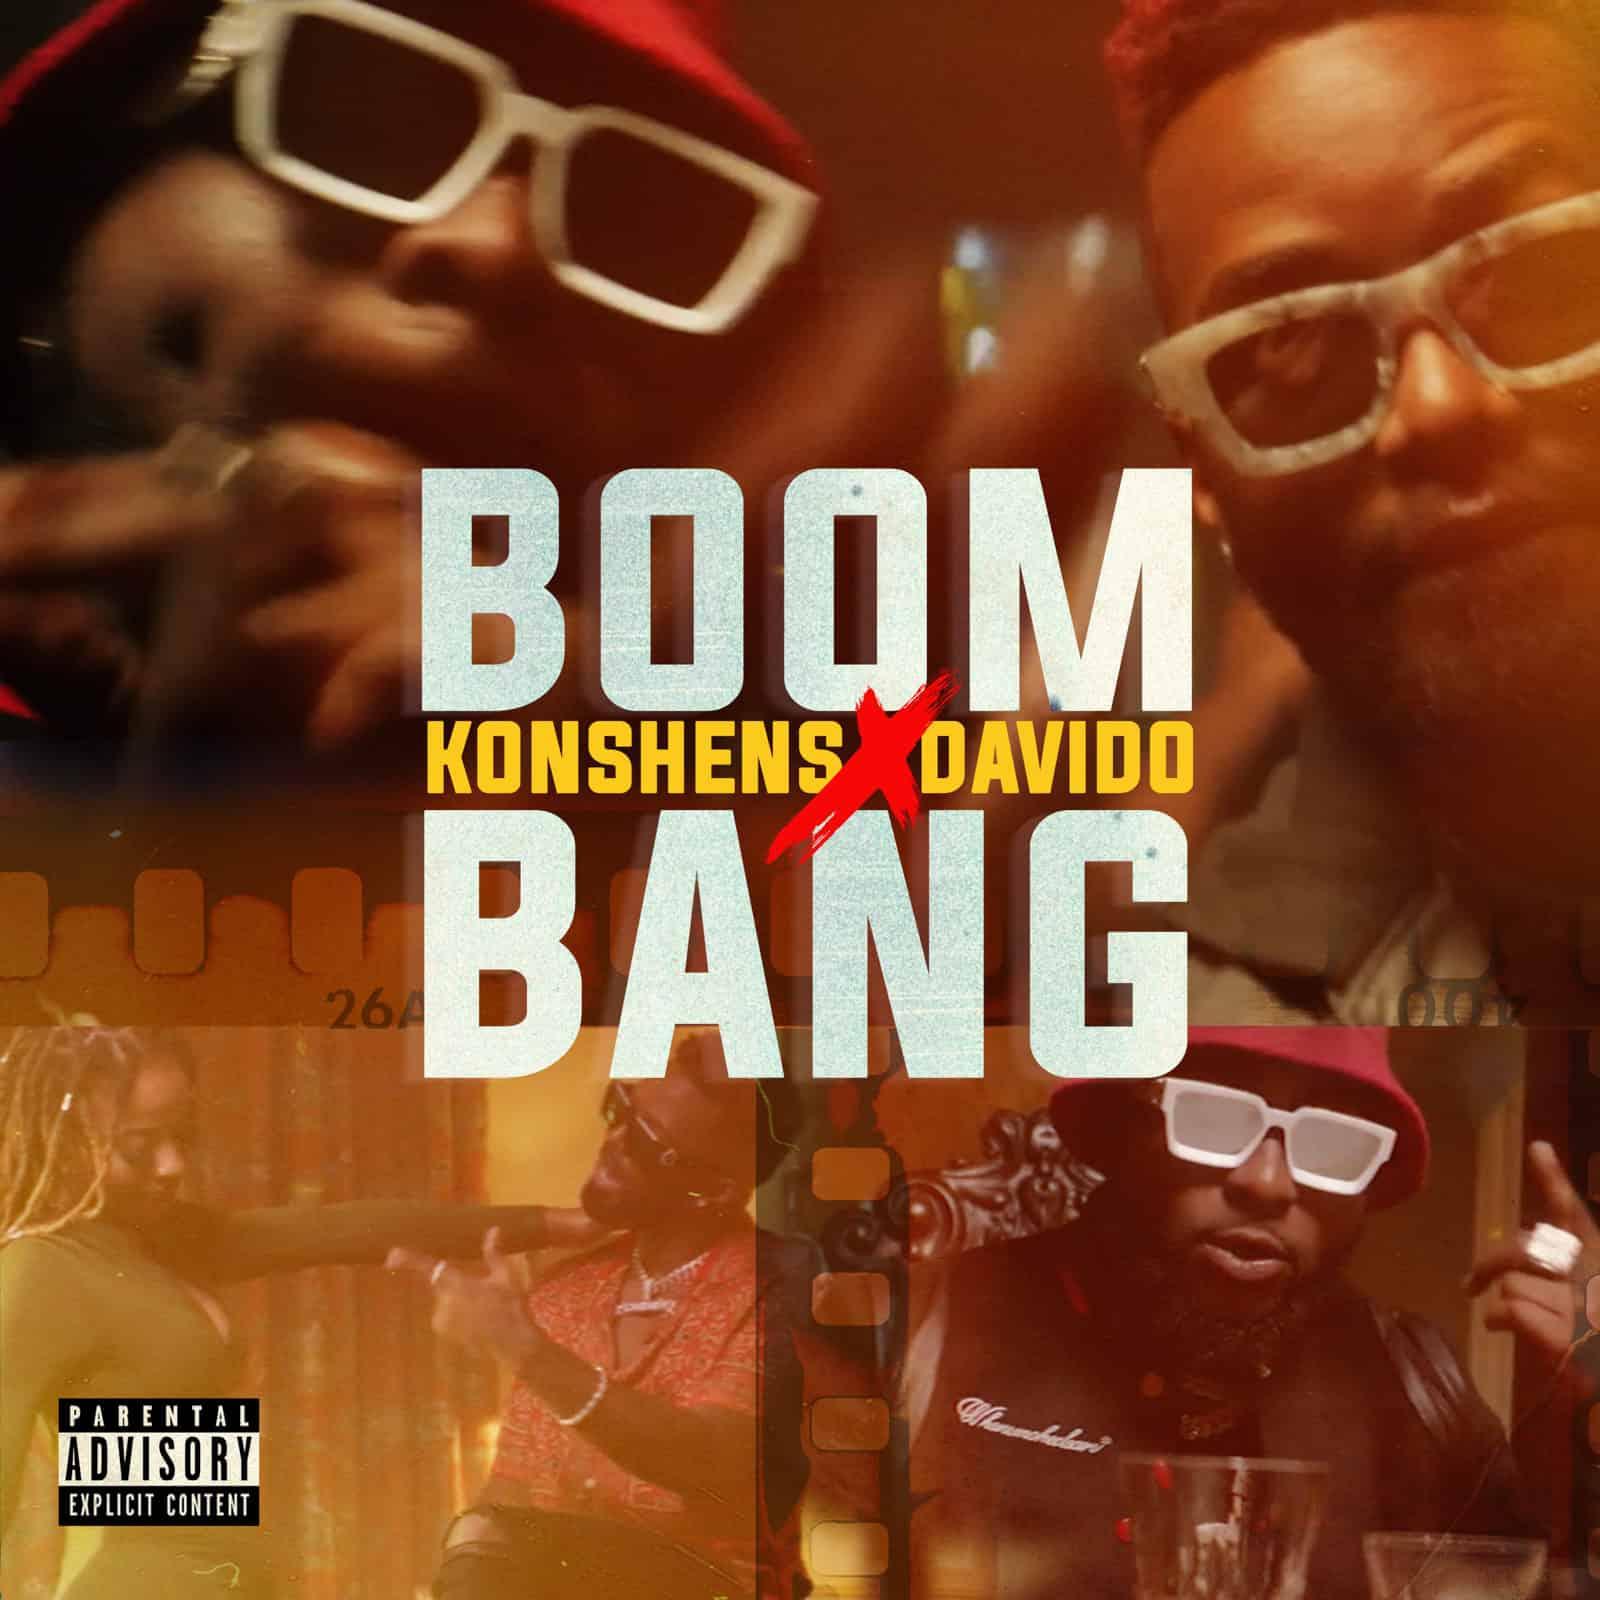 Konshens x Davido - Boom Bang